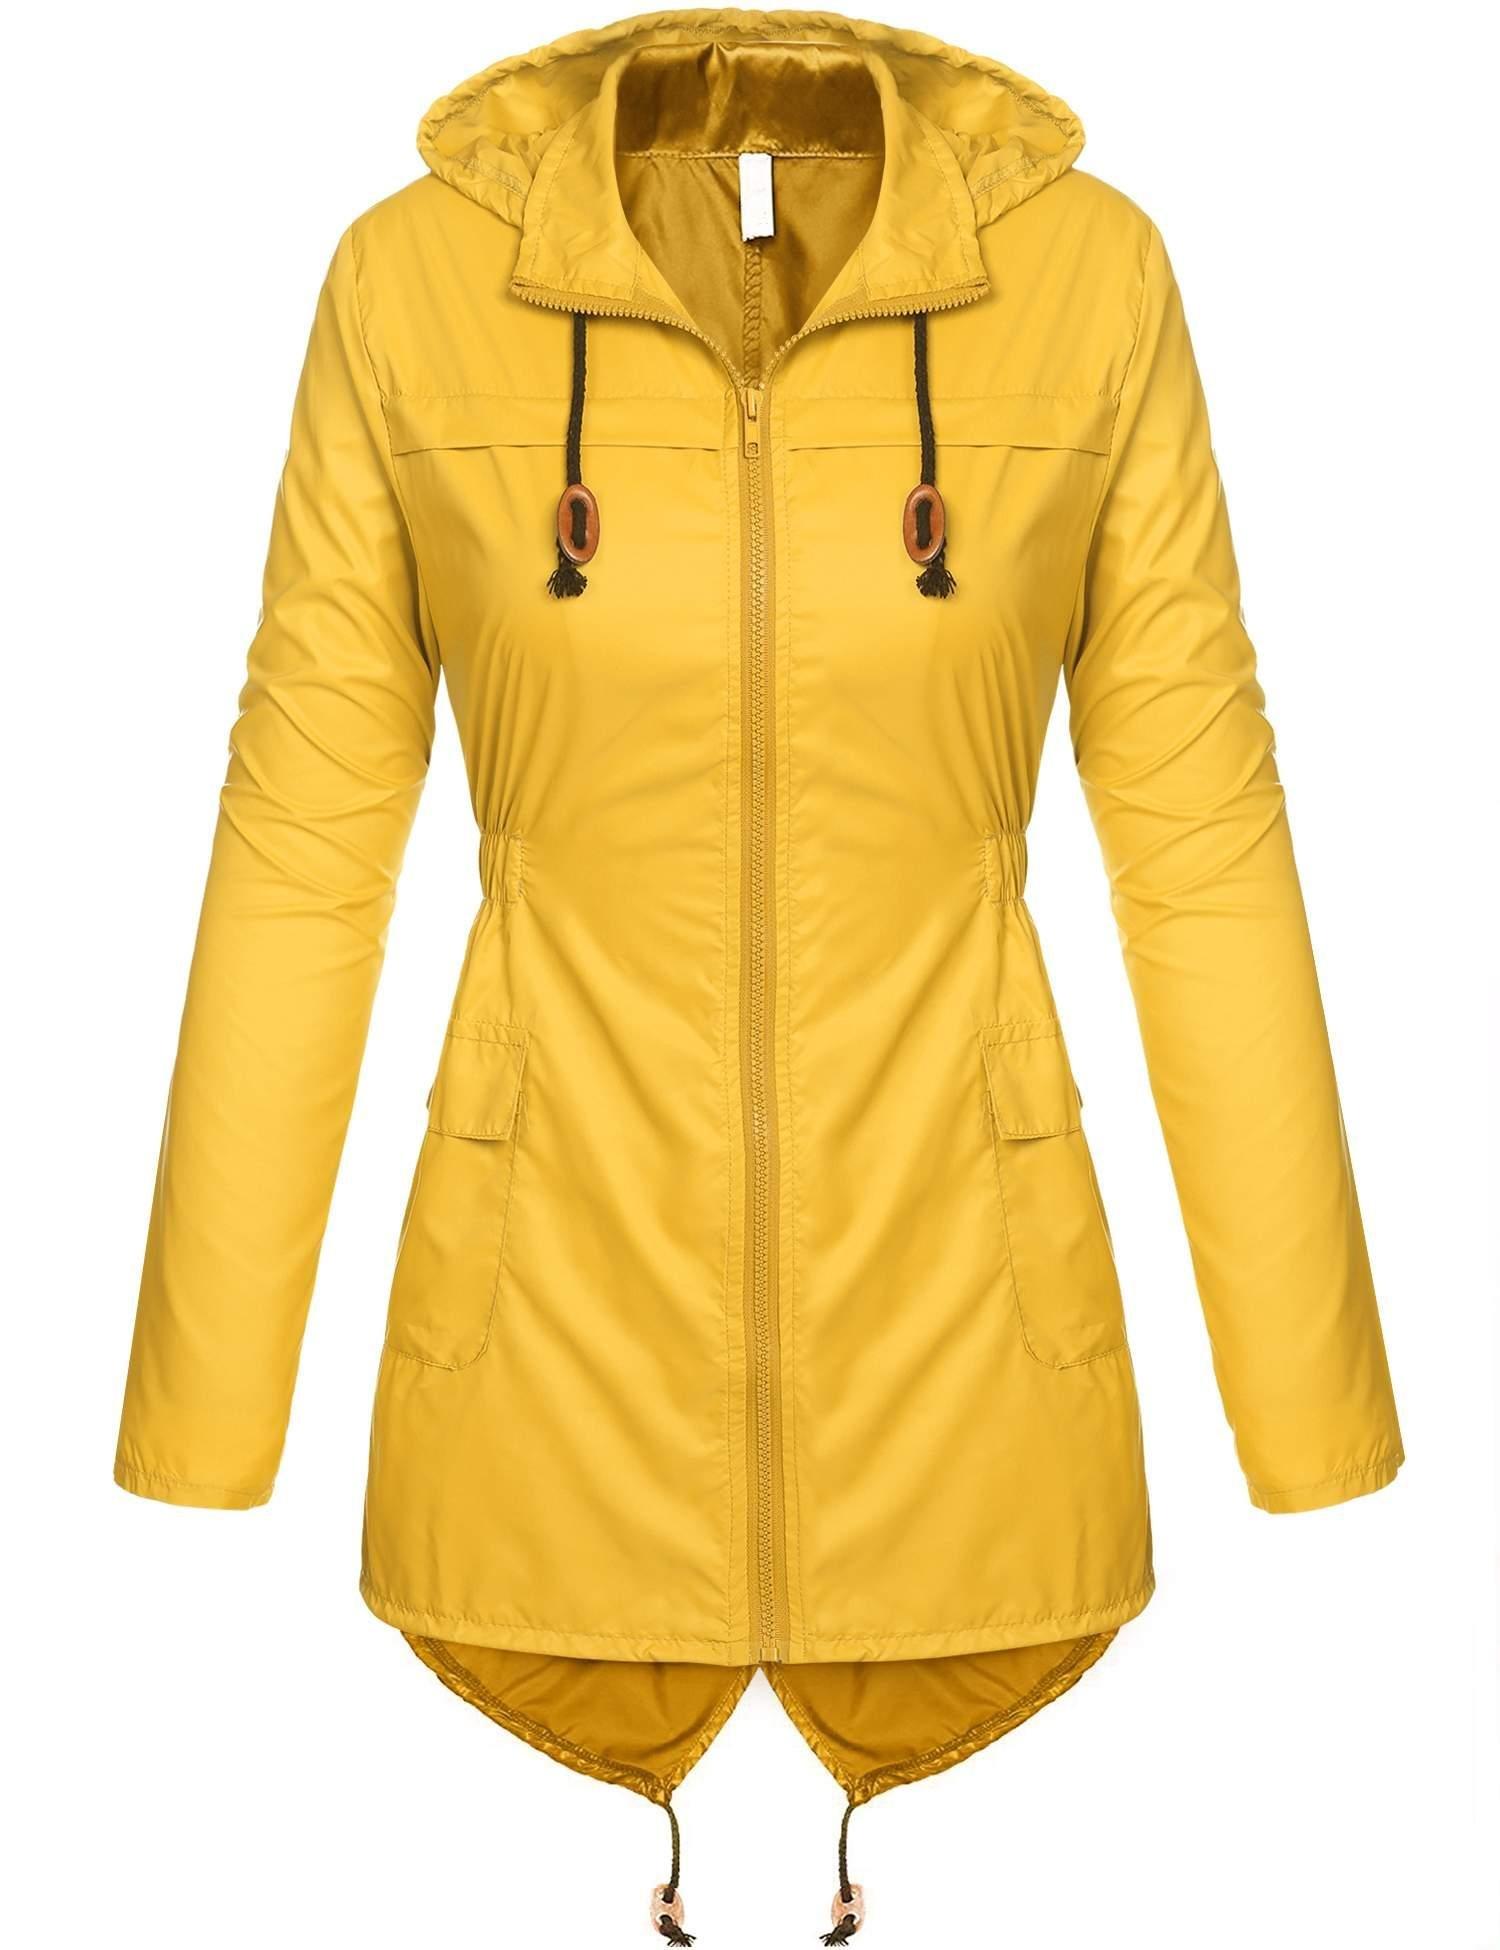 Beyove Women's Lightweight Packable Outdoor Coat Windproof Hoodies Rain Jacket Yellow S